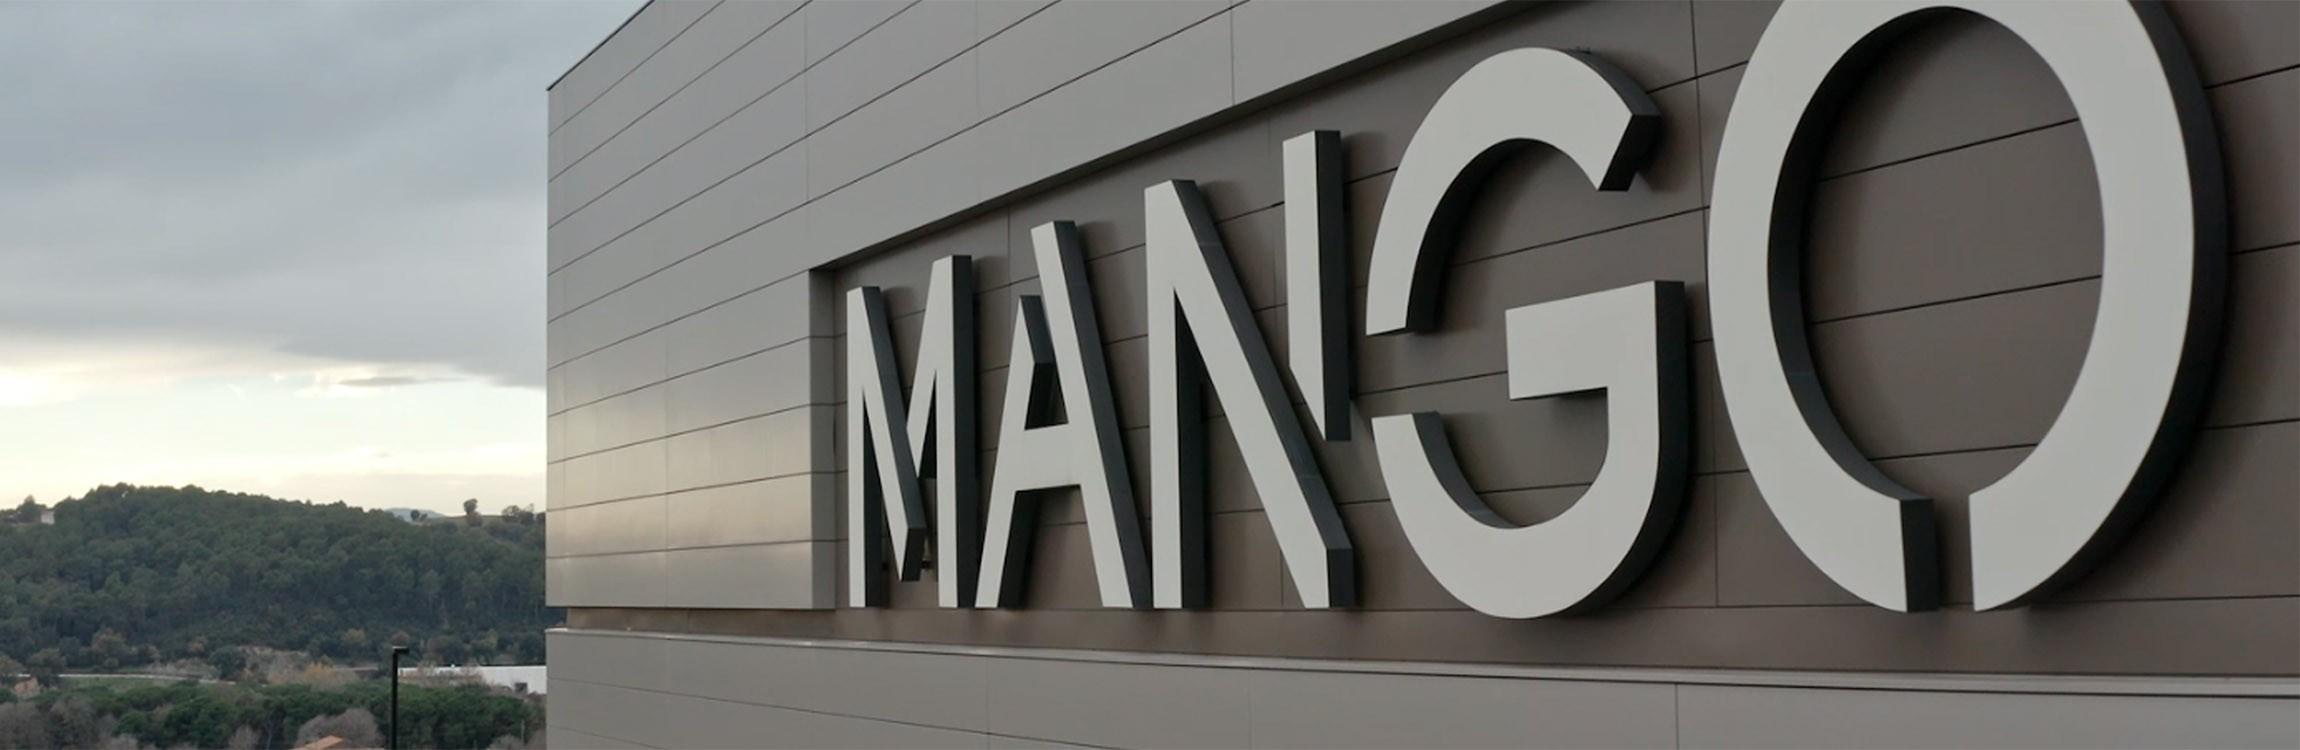 Mango: Hochautomatisiert und effizient vom Wareneingang bis zum Warenausgang.